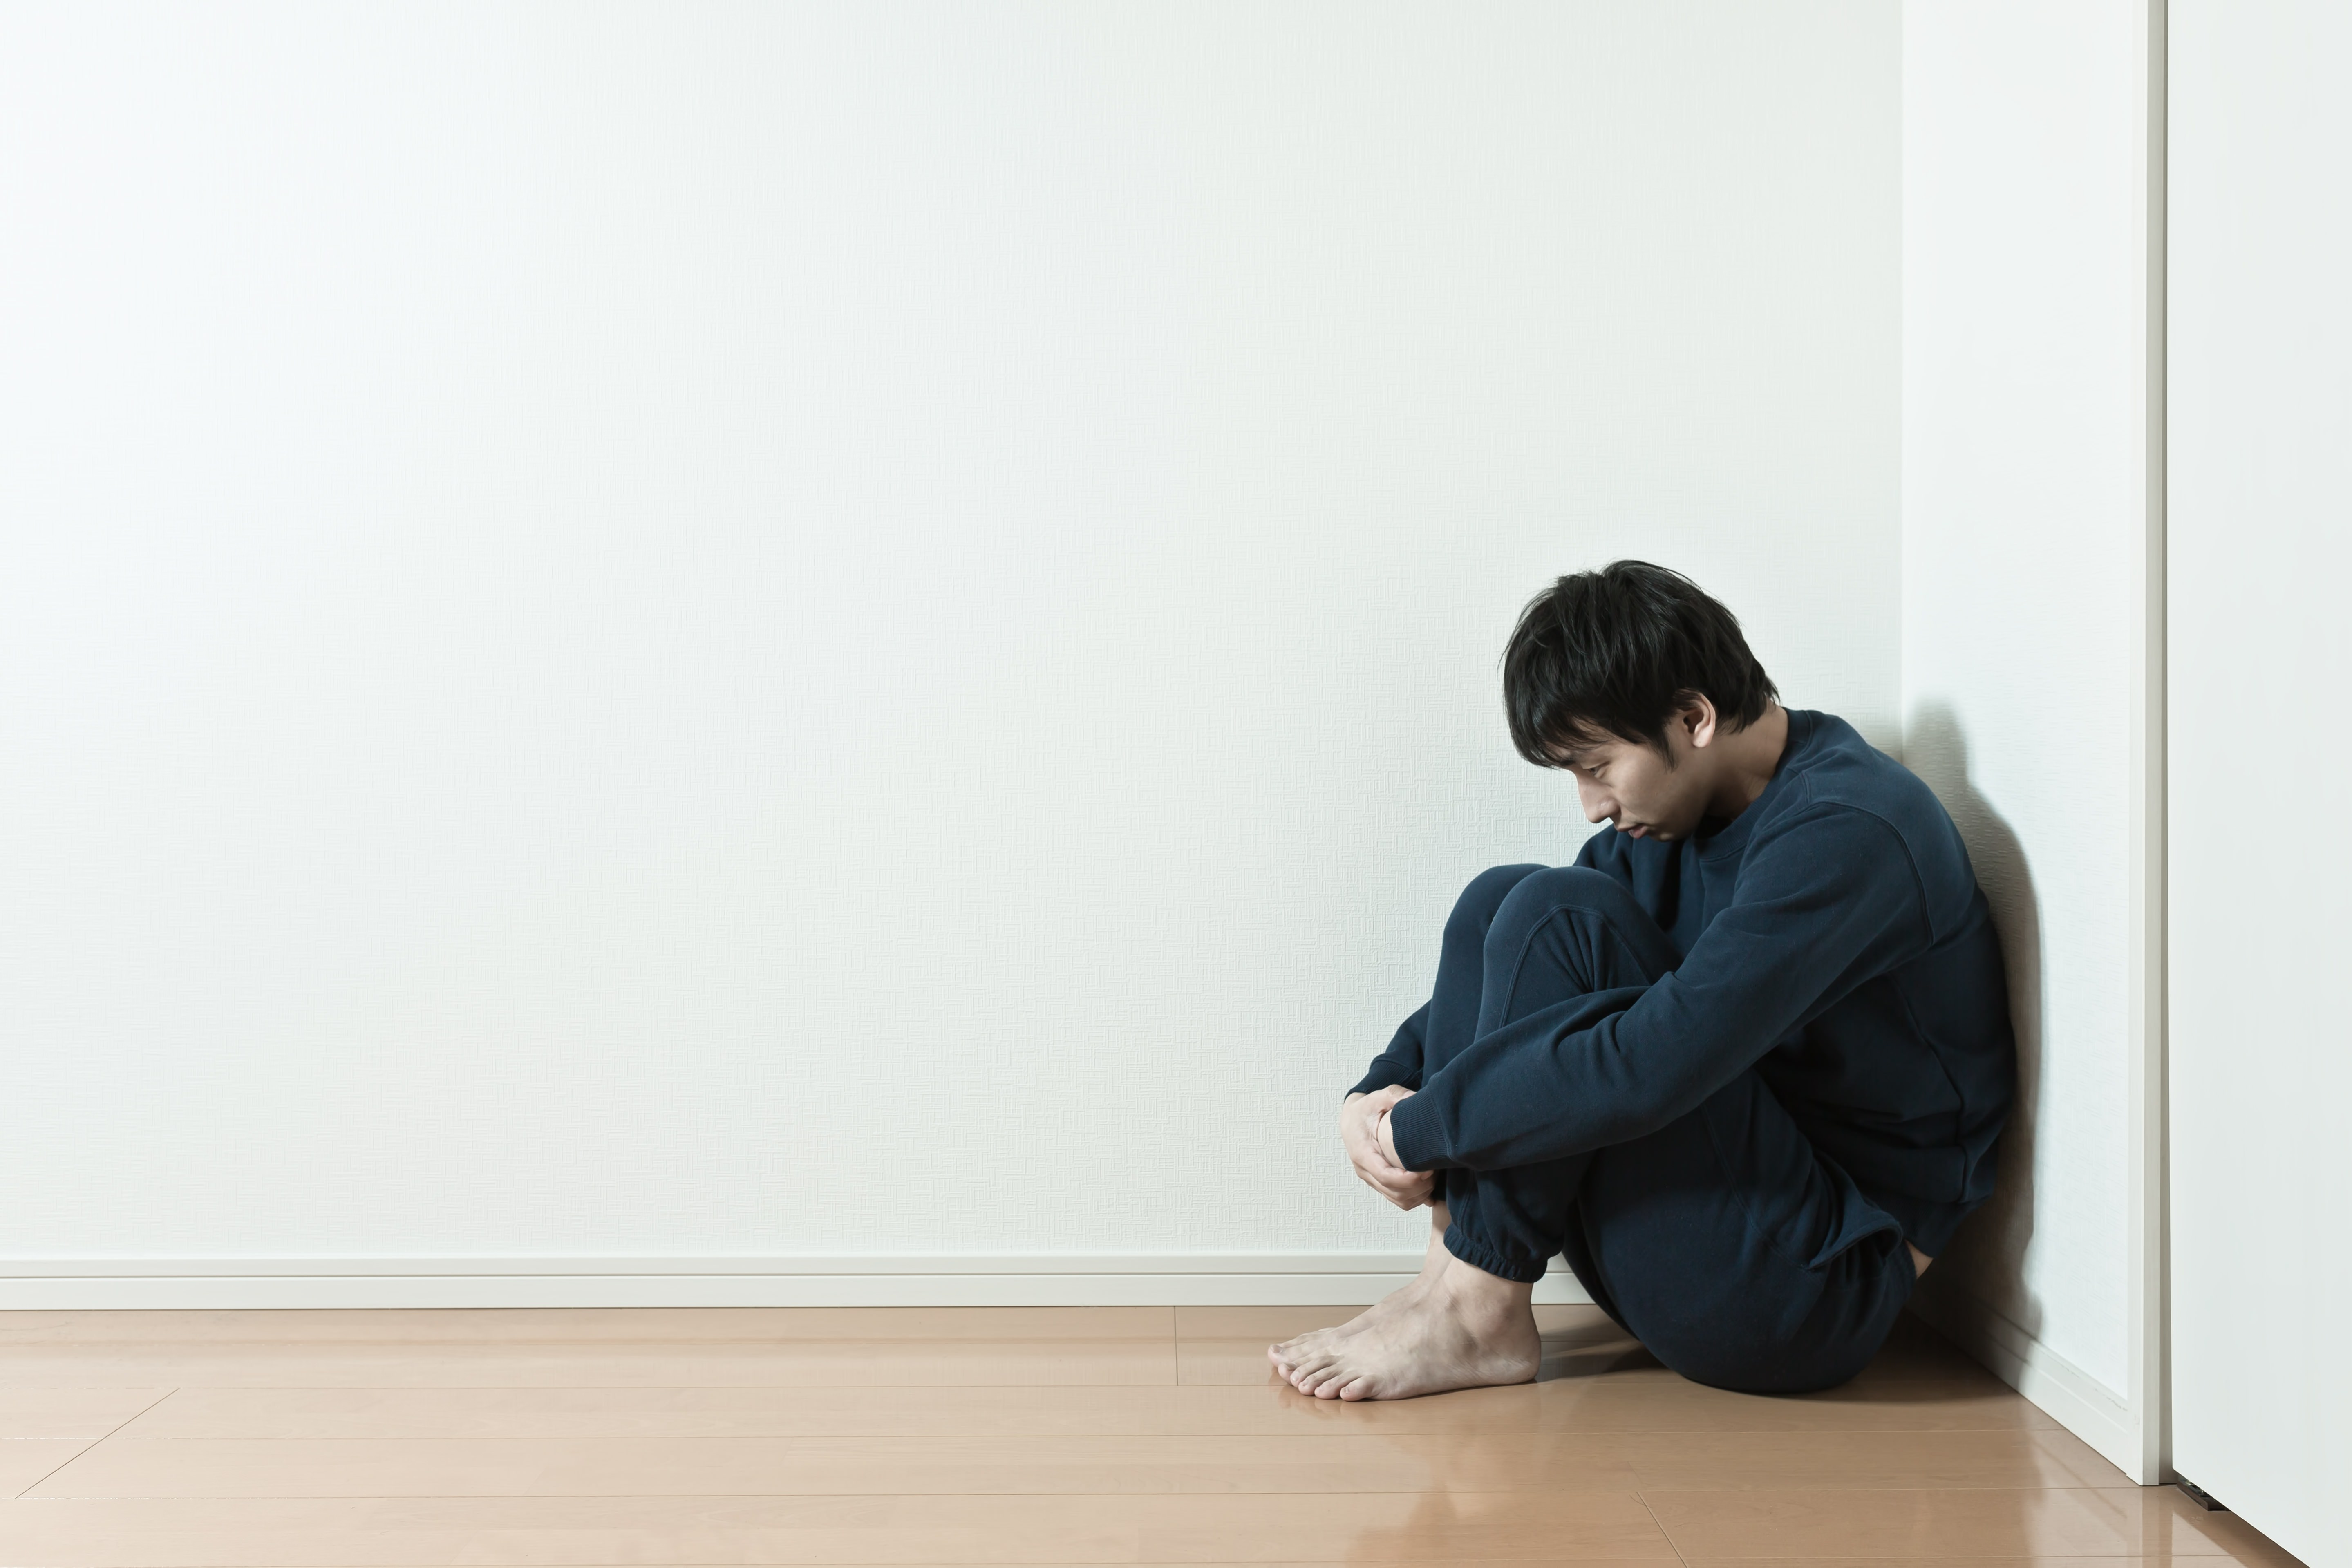 テレワークが寂しい4つの理由|寂しさをなくすにはどうすれば良い ...